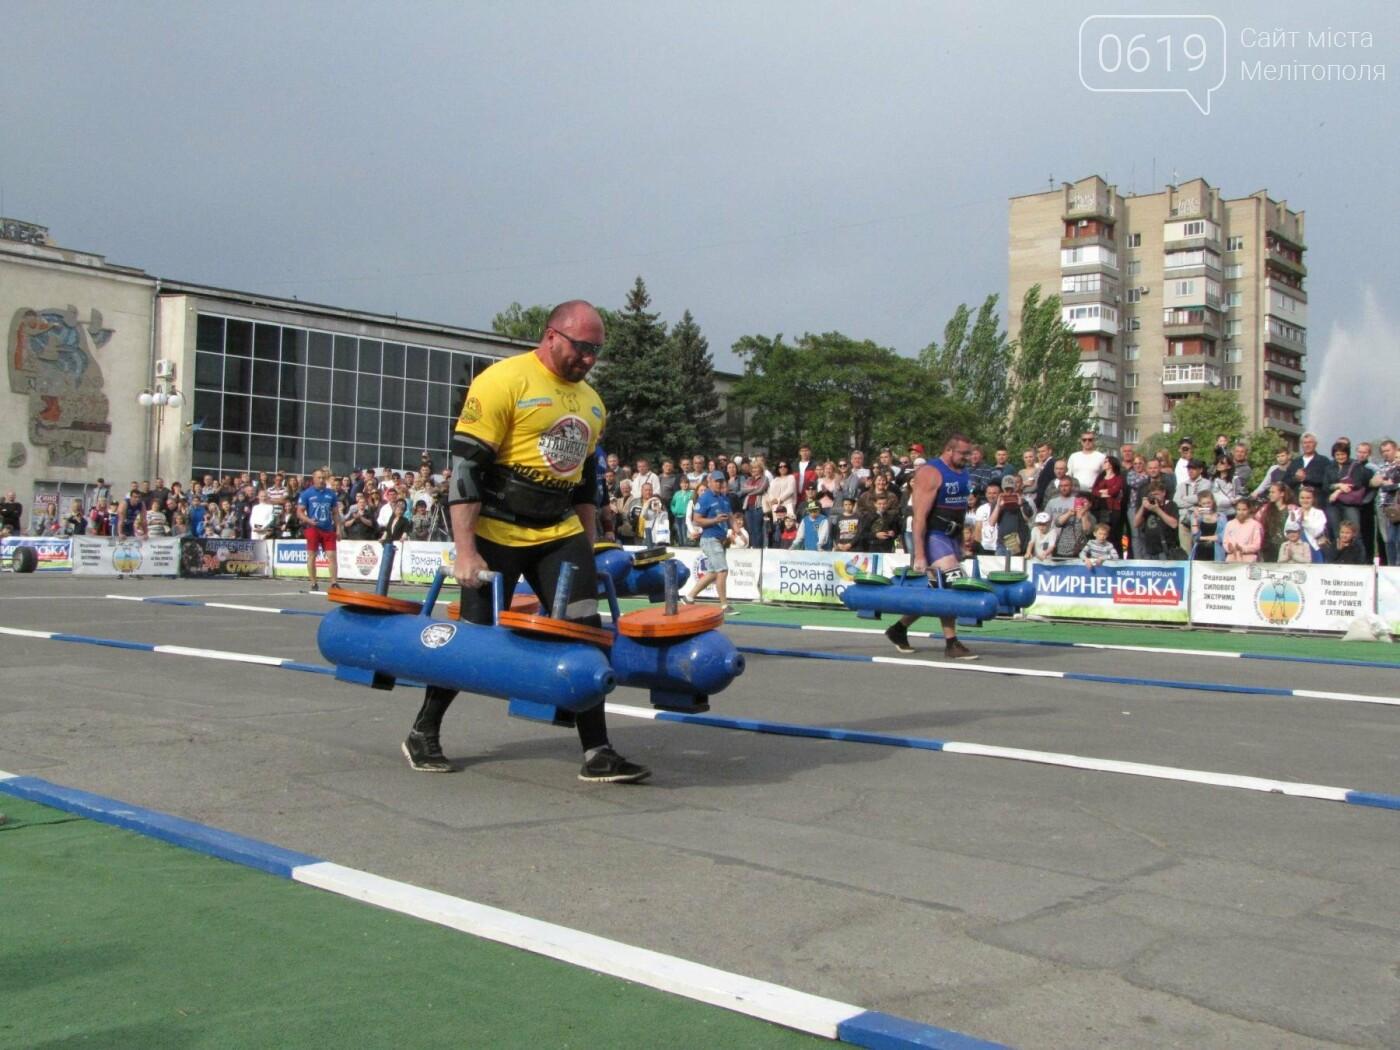 Три победы за неделю: мелитопольский богатырь выиграл второй этап международного чемпионата, фото-51